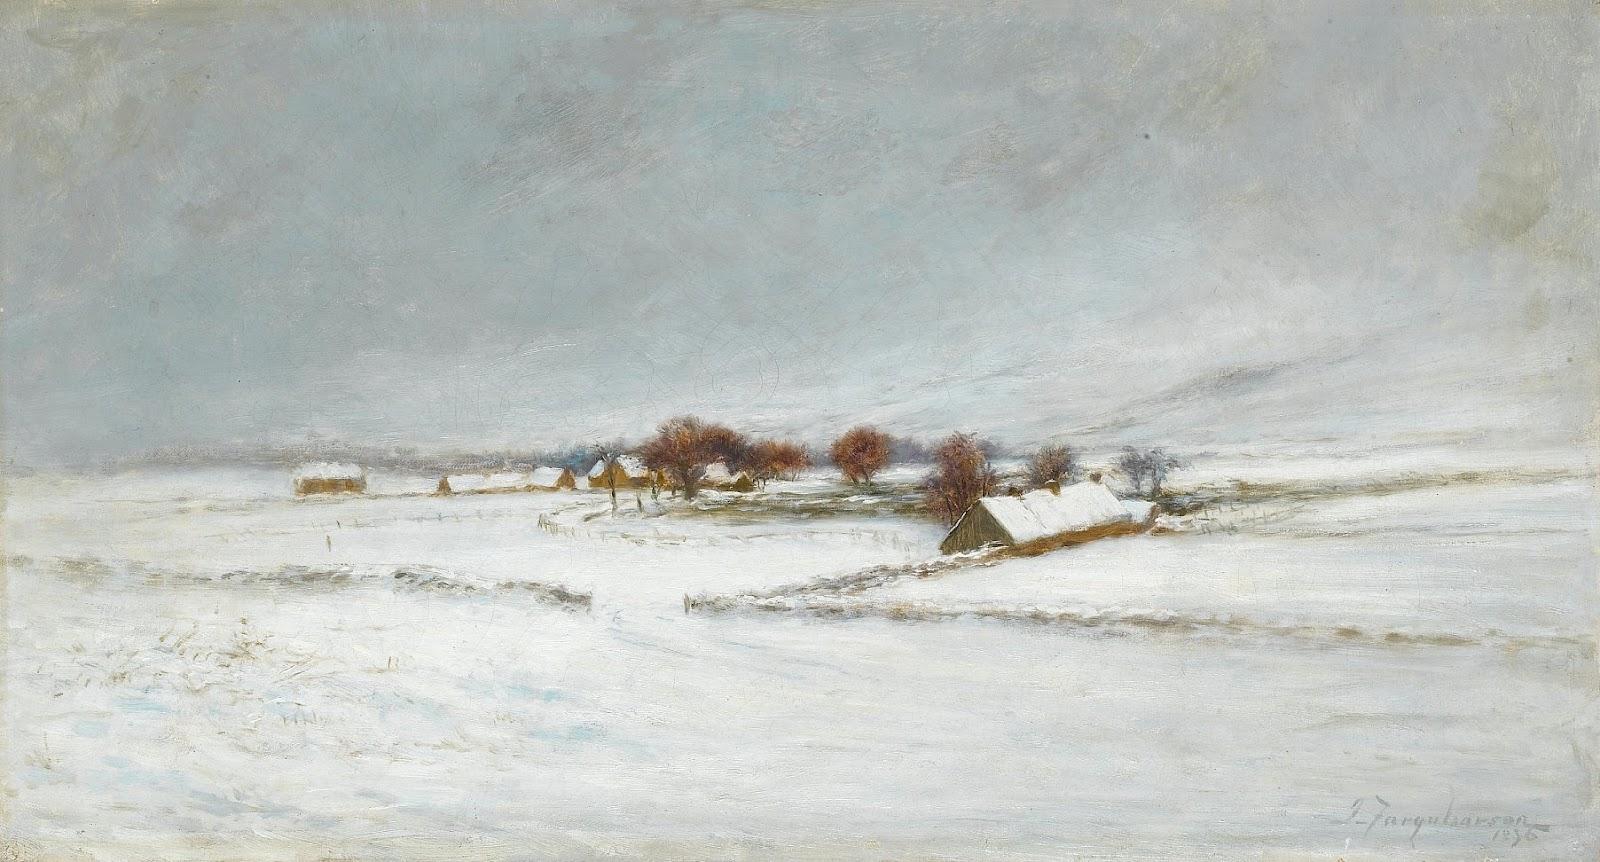 Joseph Farquharson, An Aberdeenshire Farm Under Snow